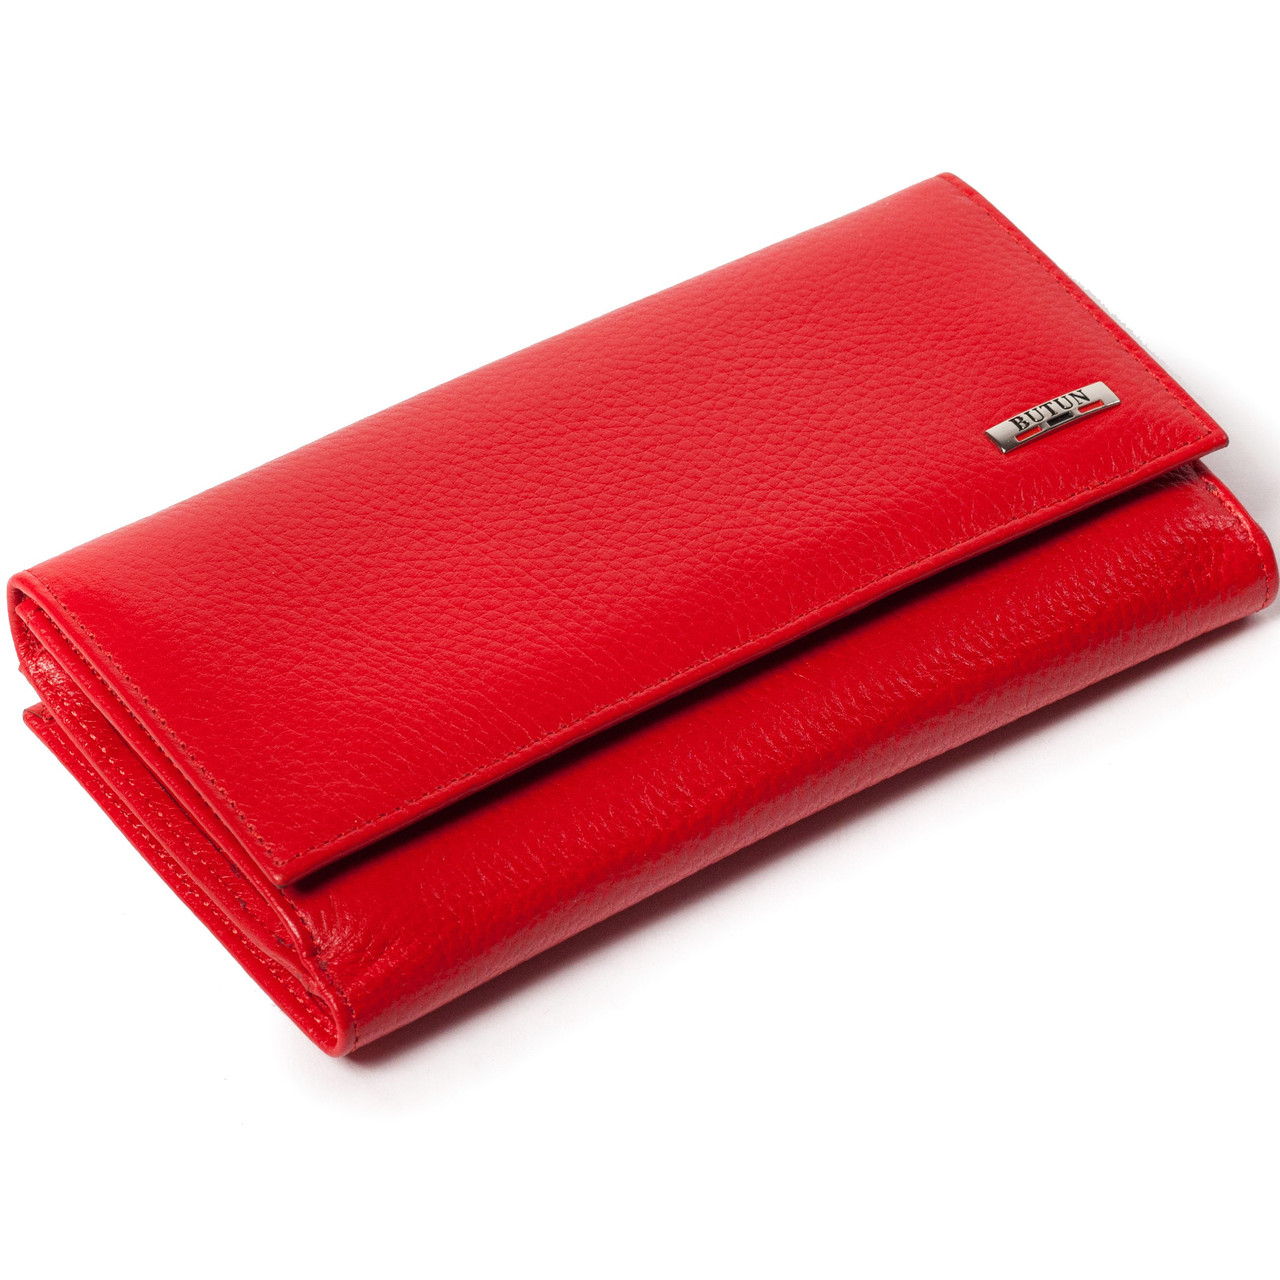 Большой женский кошелек кожаный красный BUTUN 508-004-006